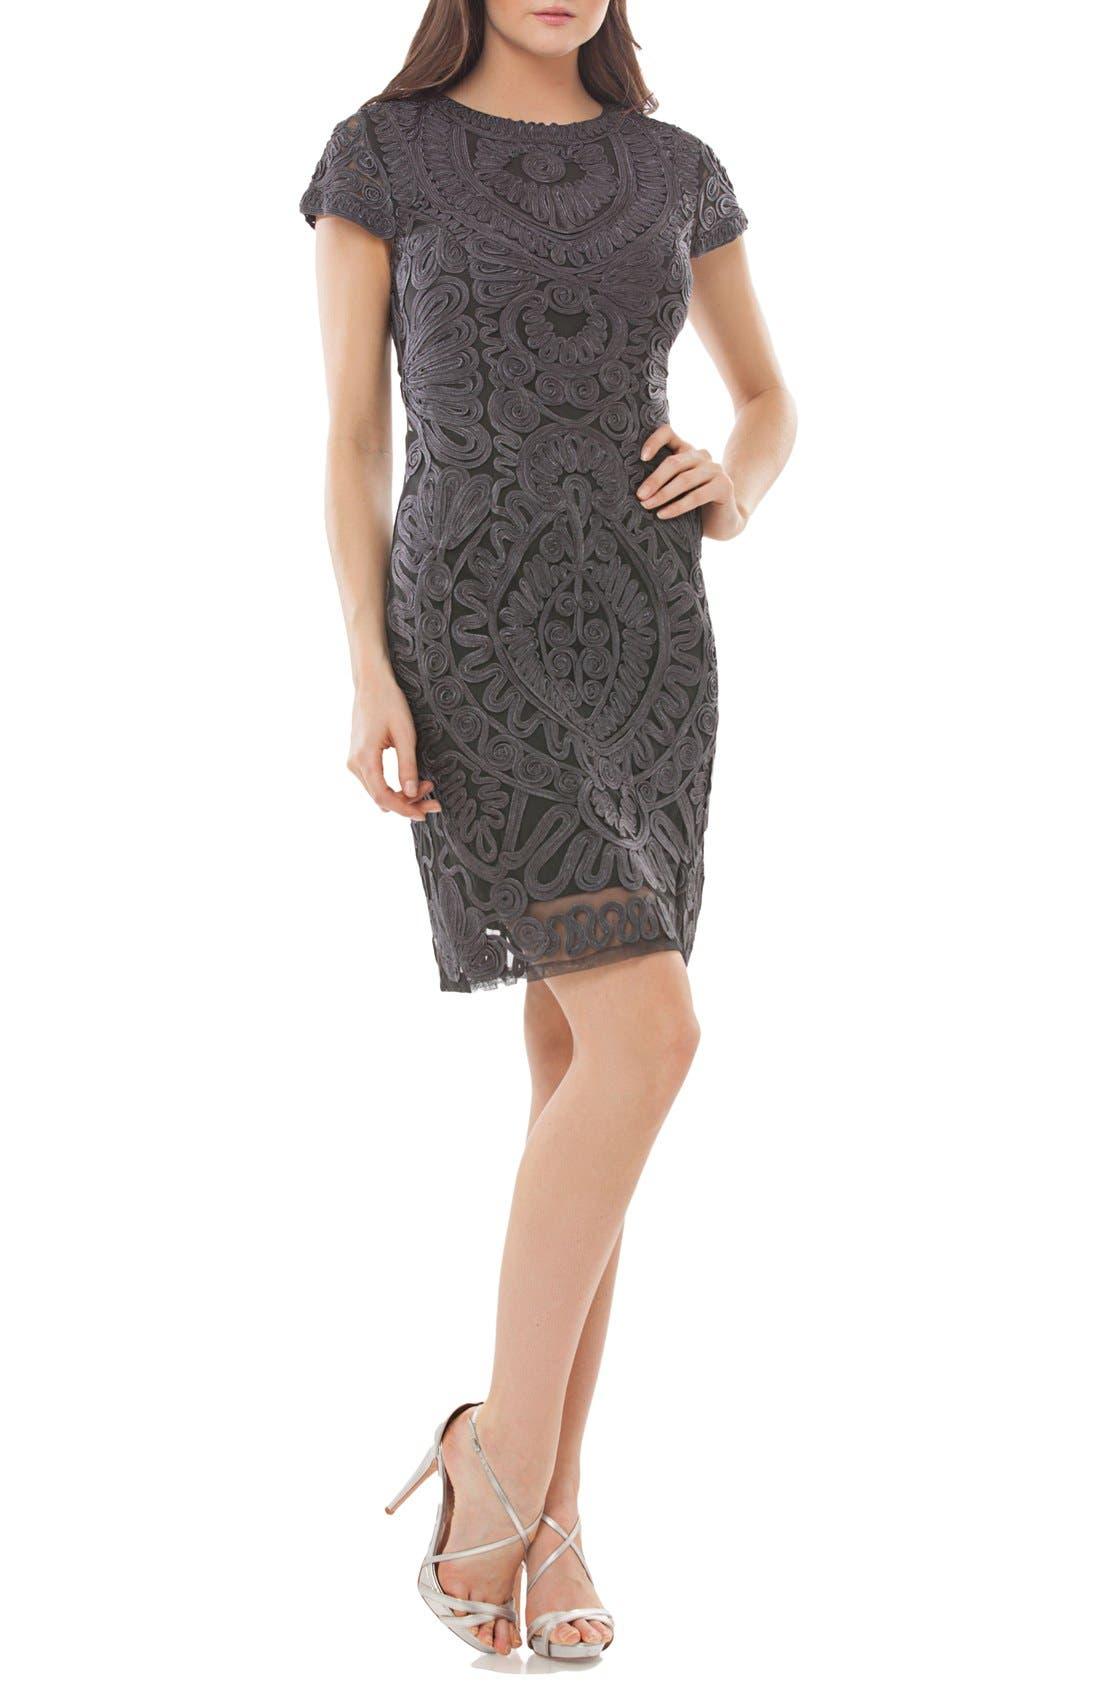 Js Collections Soutache Dress, Grey